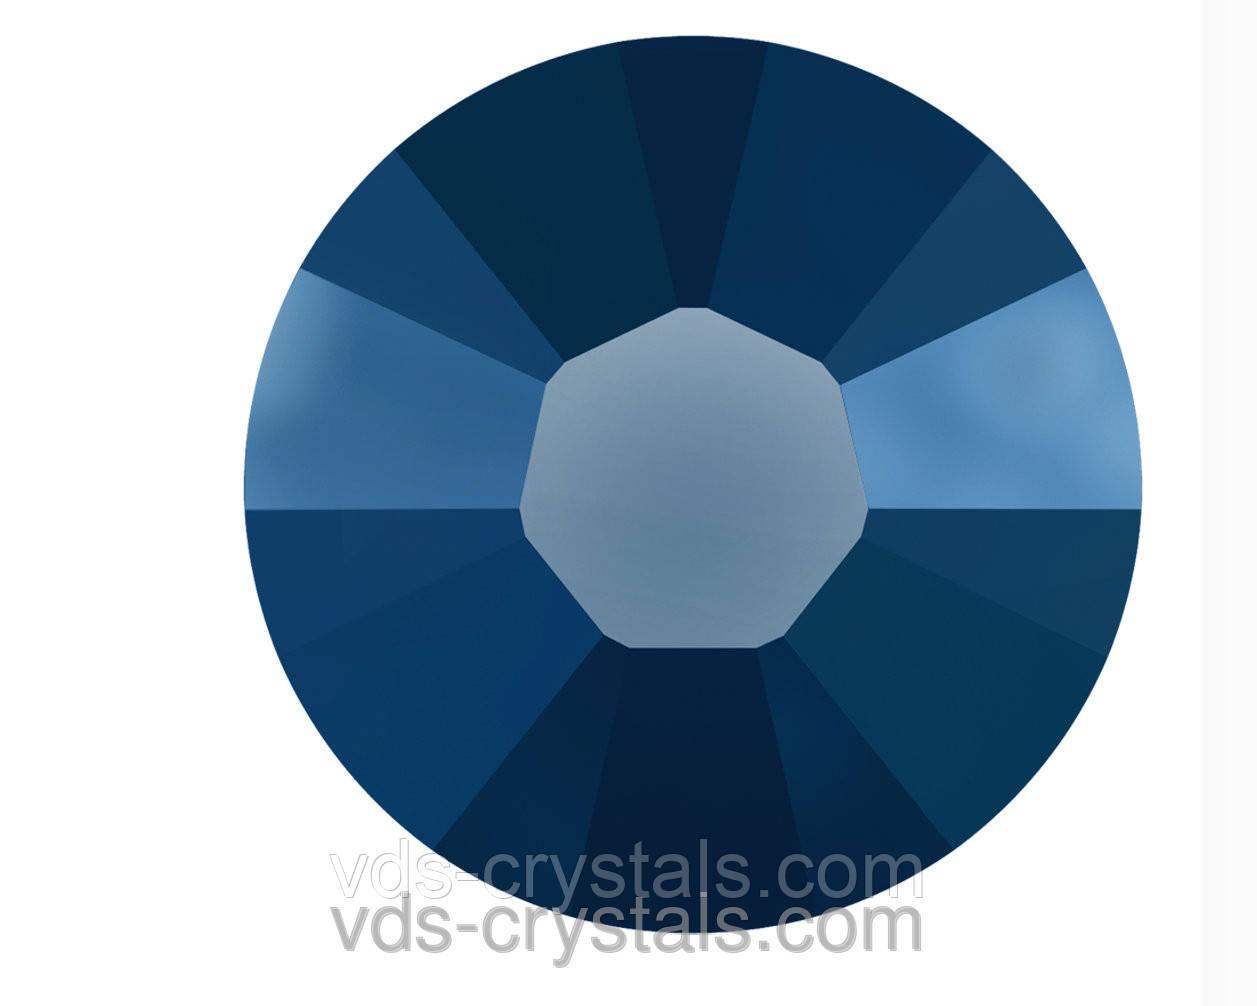 Стразы Сваровски клеевые холодной фиксации 2058 Crystal Metallic Blue F (001 METBL)